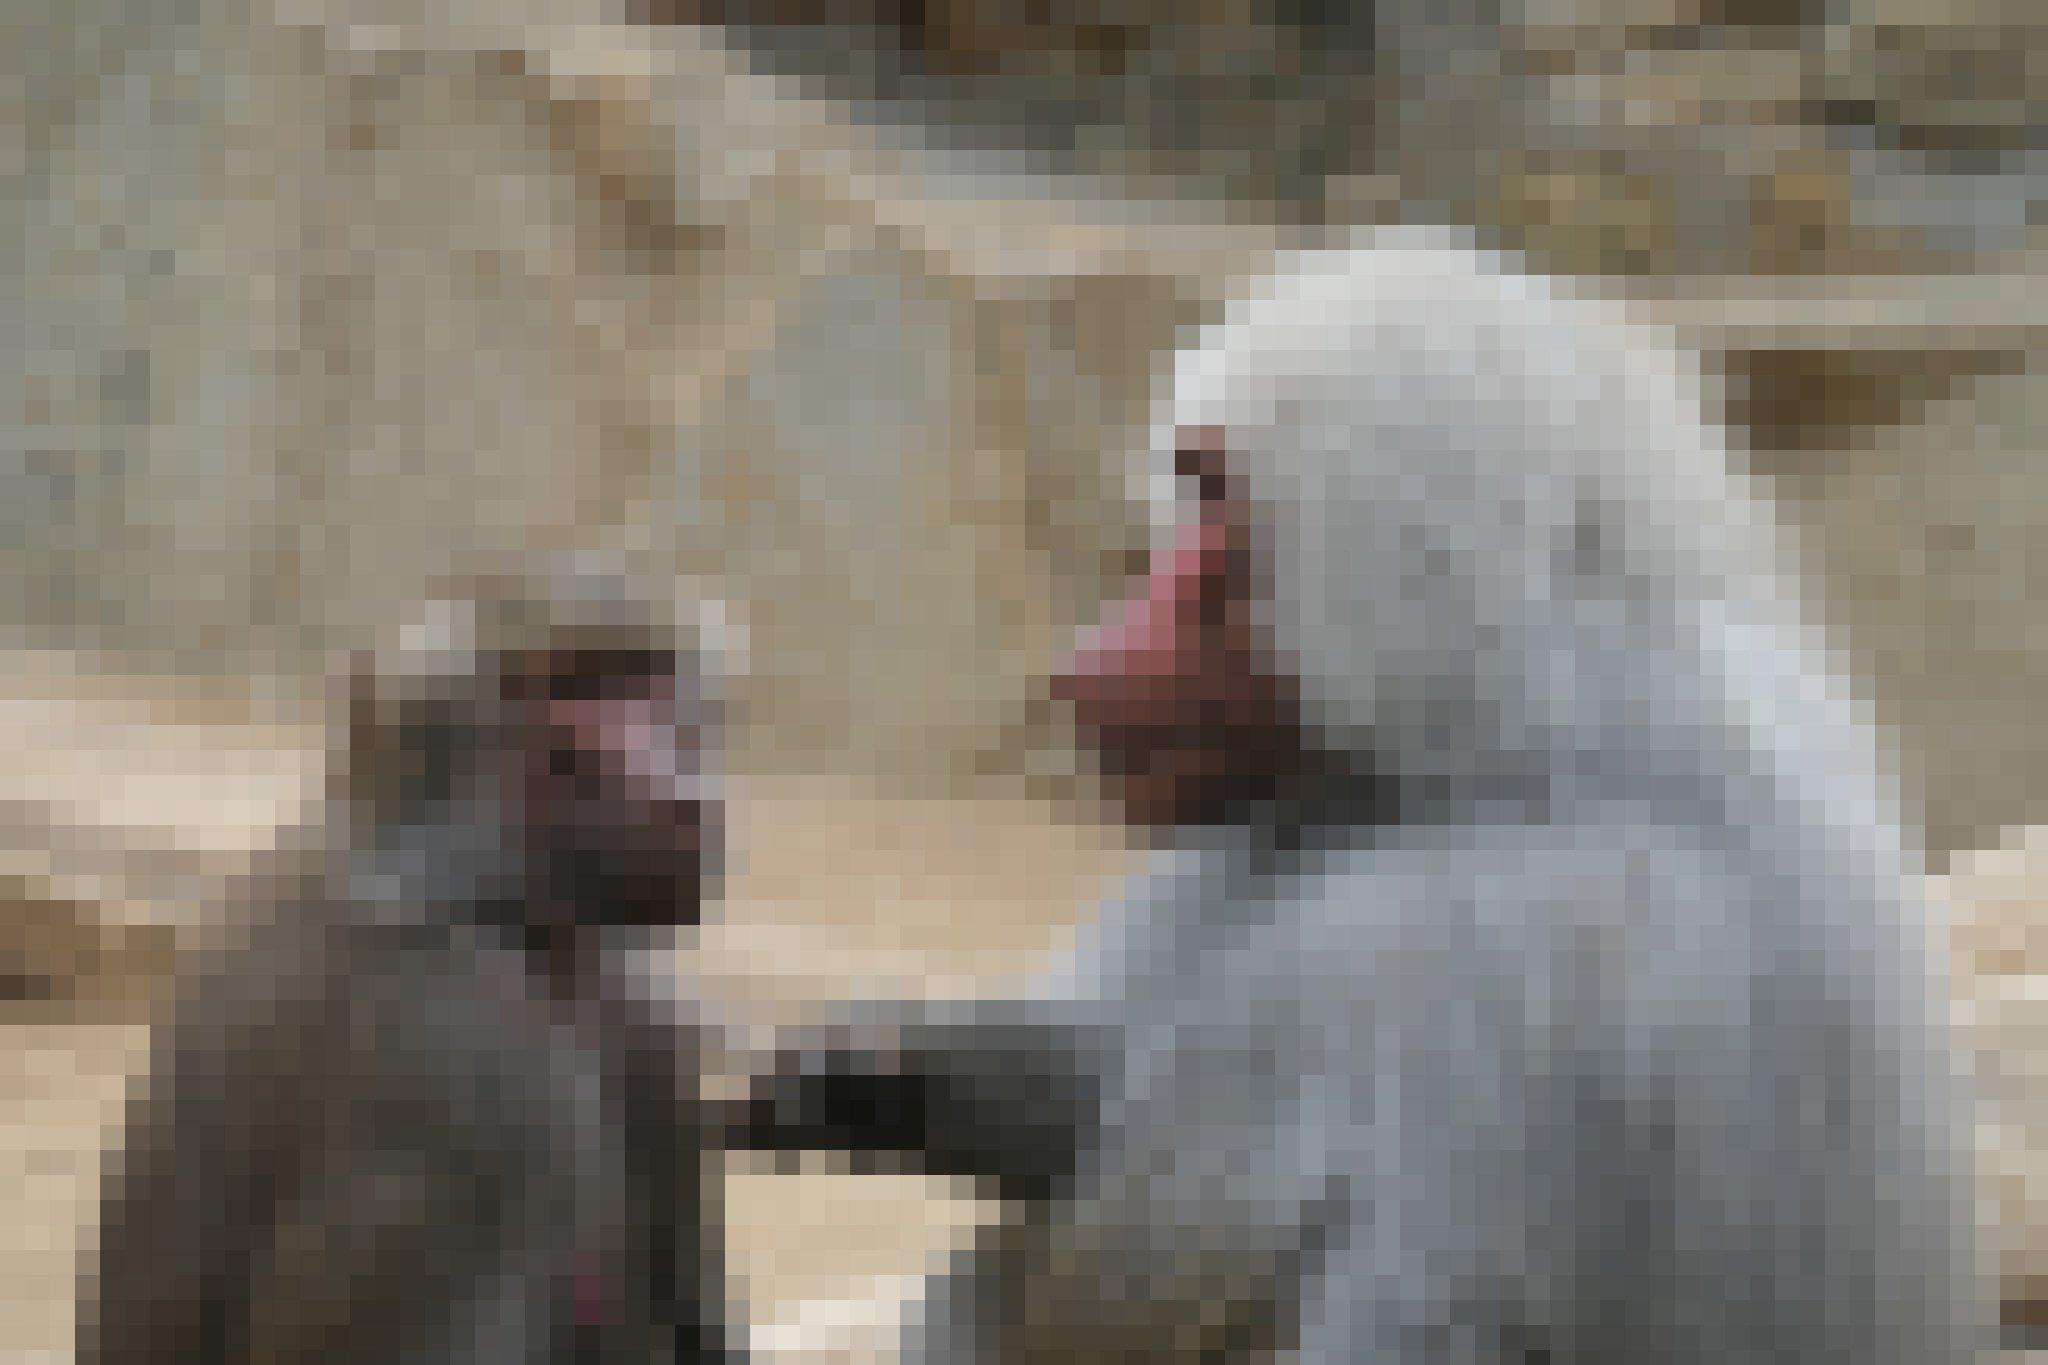 Auf dem Bild ist rechts der Oberkörper eines großen männlichen Pavians zu erkennen, der einem kleineren Weibchen auf der linken Seite auf die Brust tippt und sie dabei intensiv anblickt, während sie an ihm vorbeischaut. Was die beiden in diesem Moment empfinden mögen, lässt sich nur erahnen. Jedoch scheint die Szene eine innige Beziehung und eine gewisse Zuneigung anzudeuten.